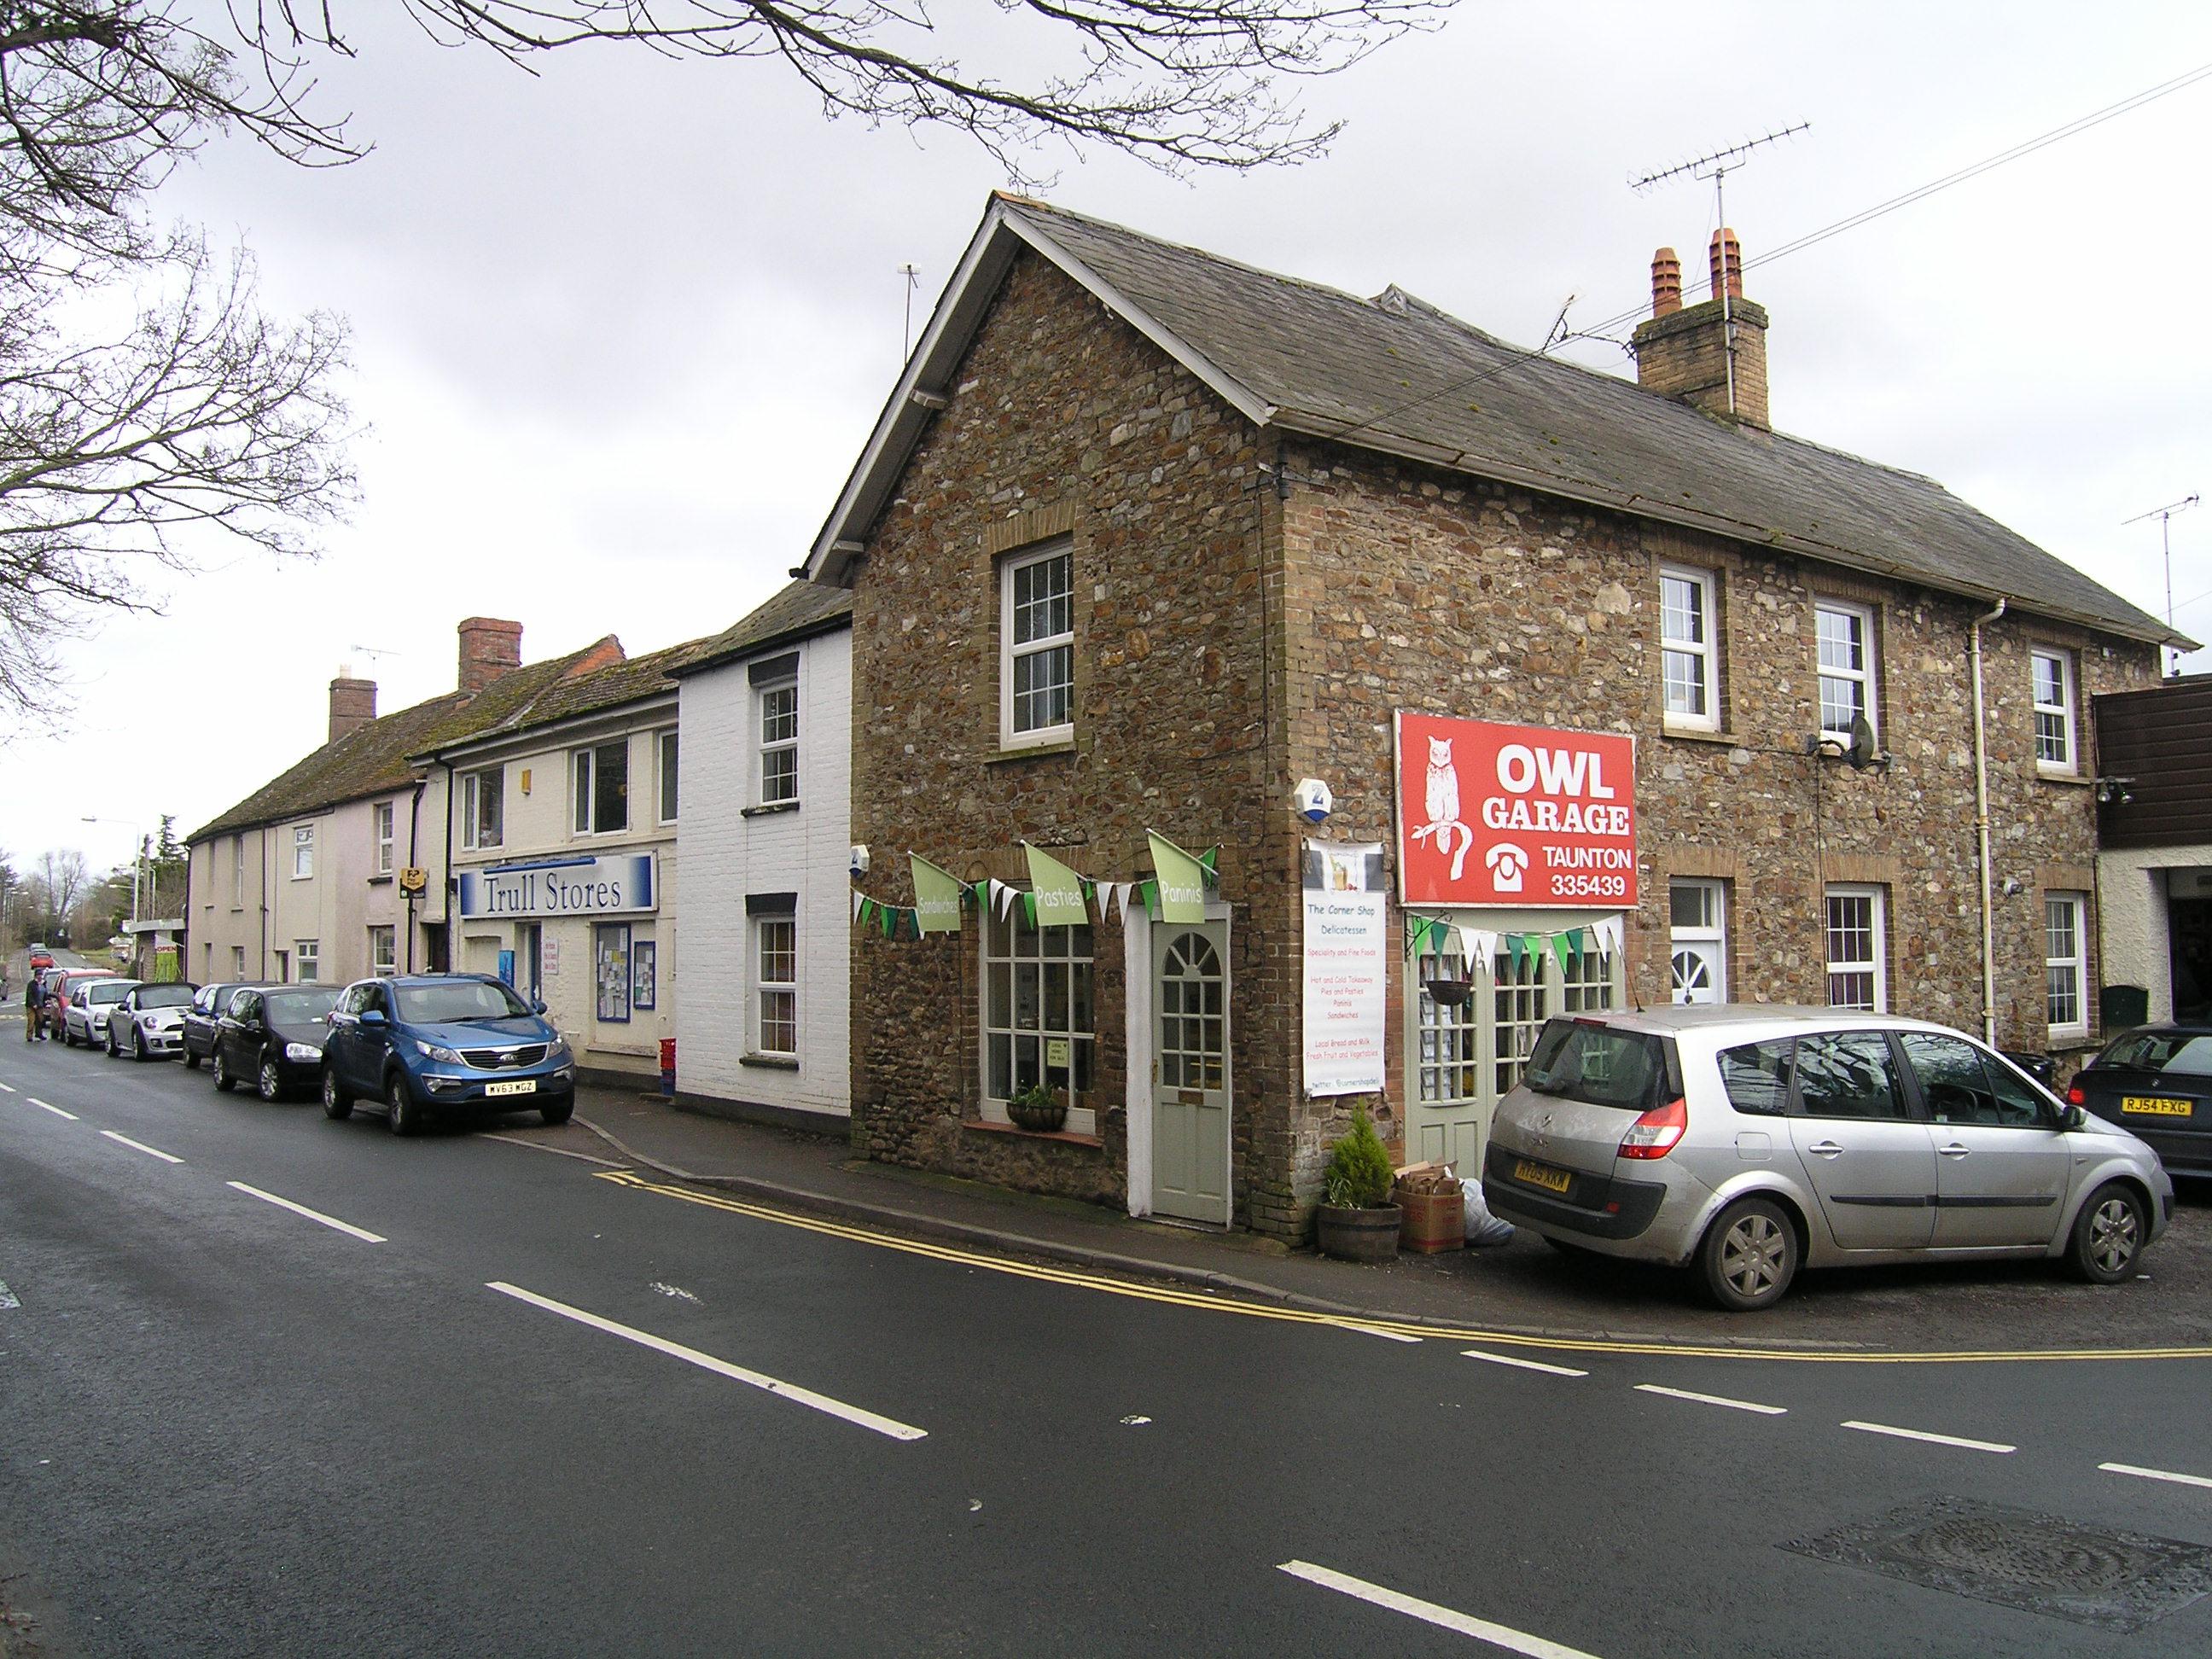 The Corner Shop Delicatessen, Trull, Taunton.